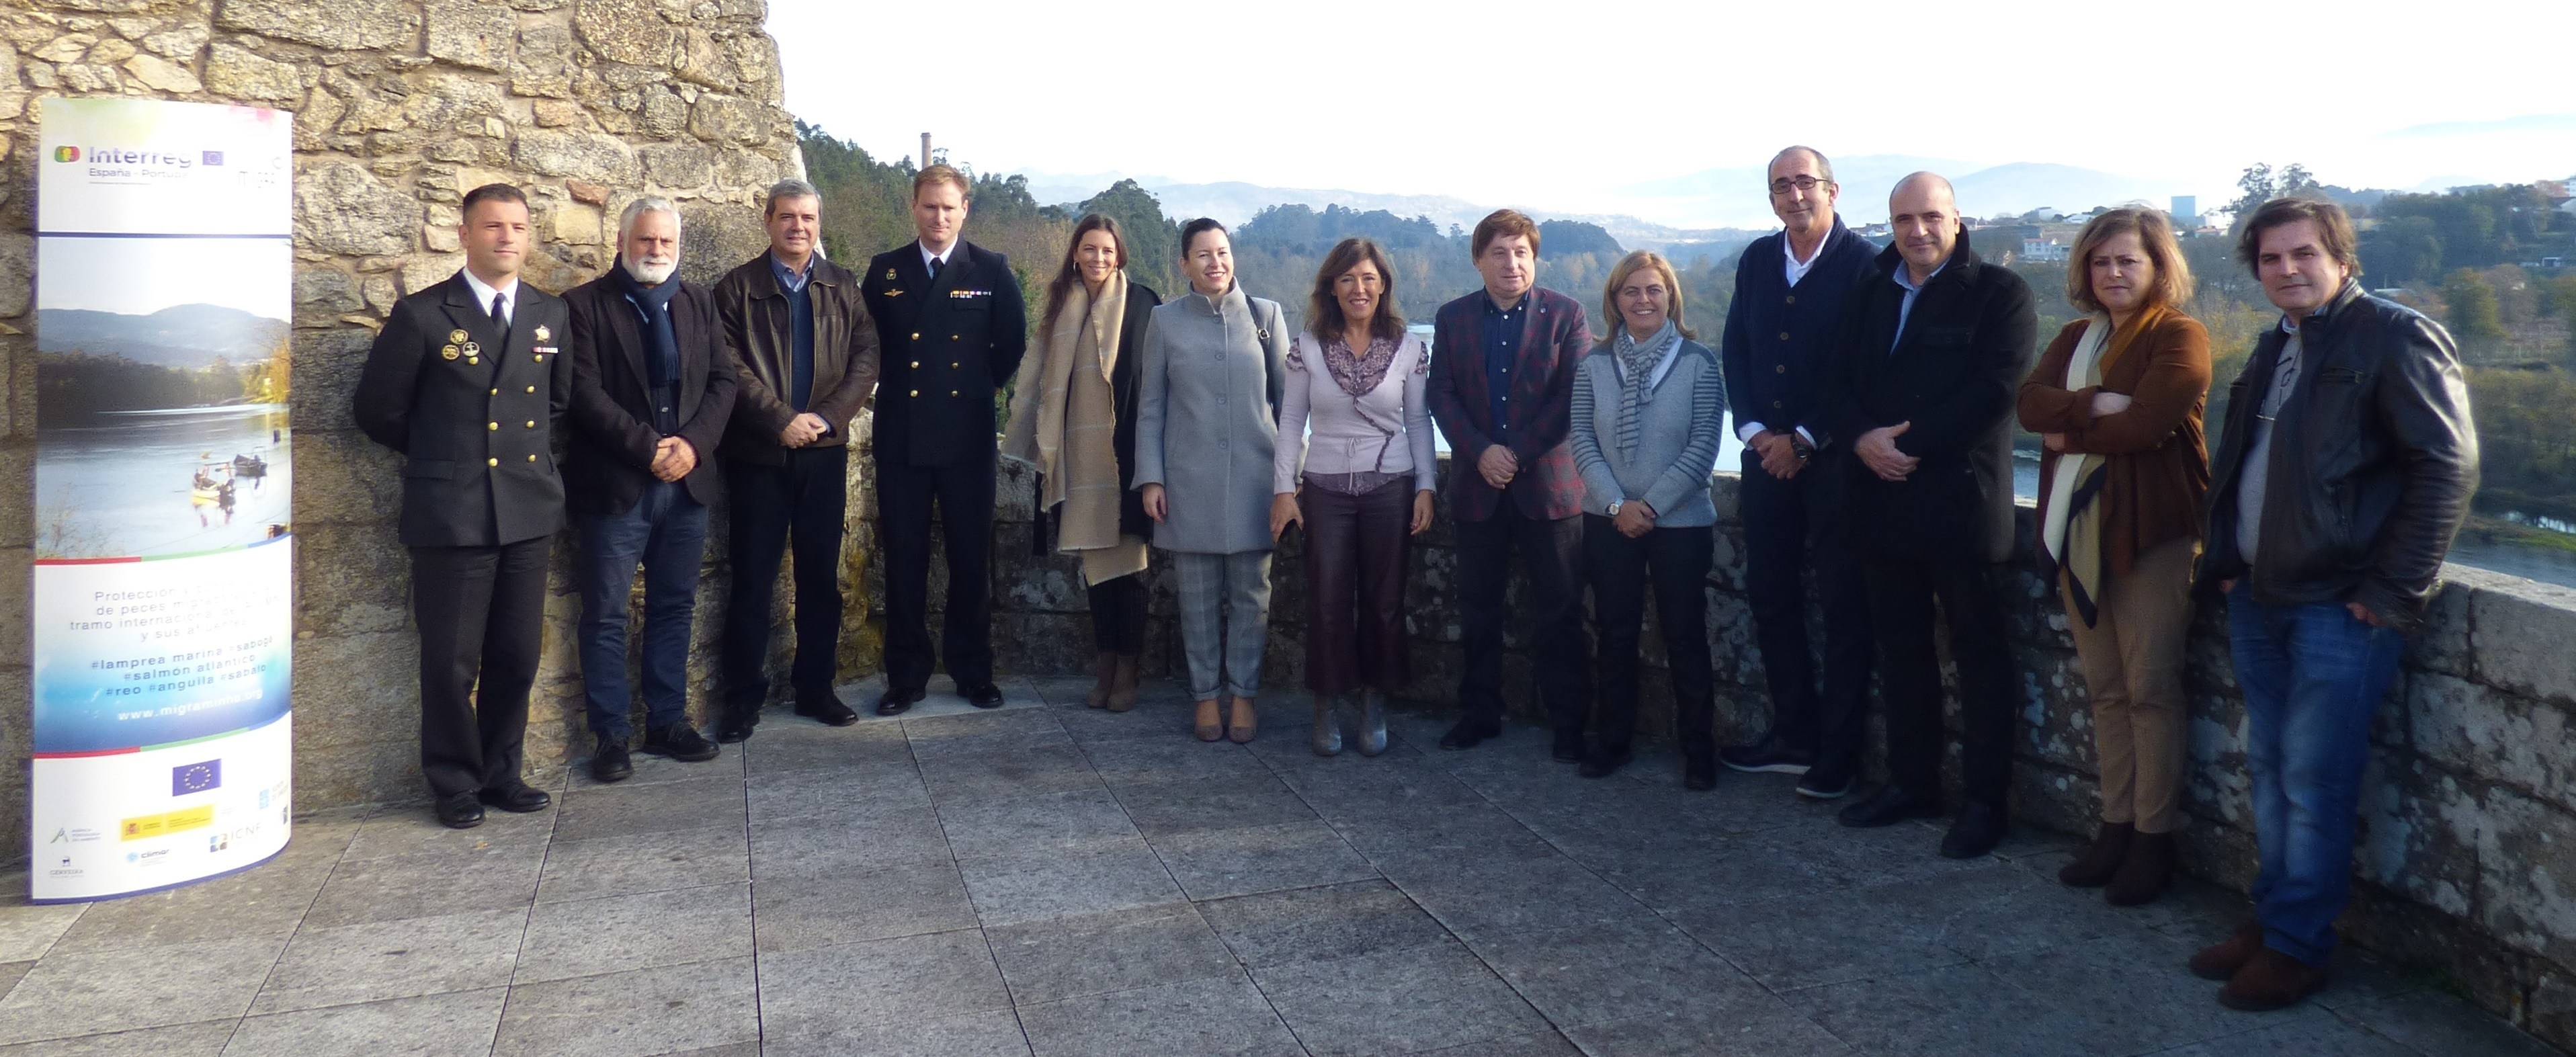 La Fortaleza de Salvaterra acoge la jornada de presentación de Migramiño